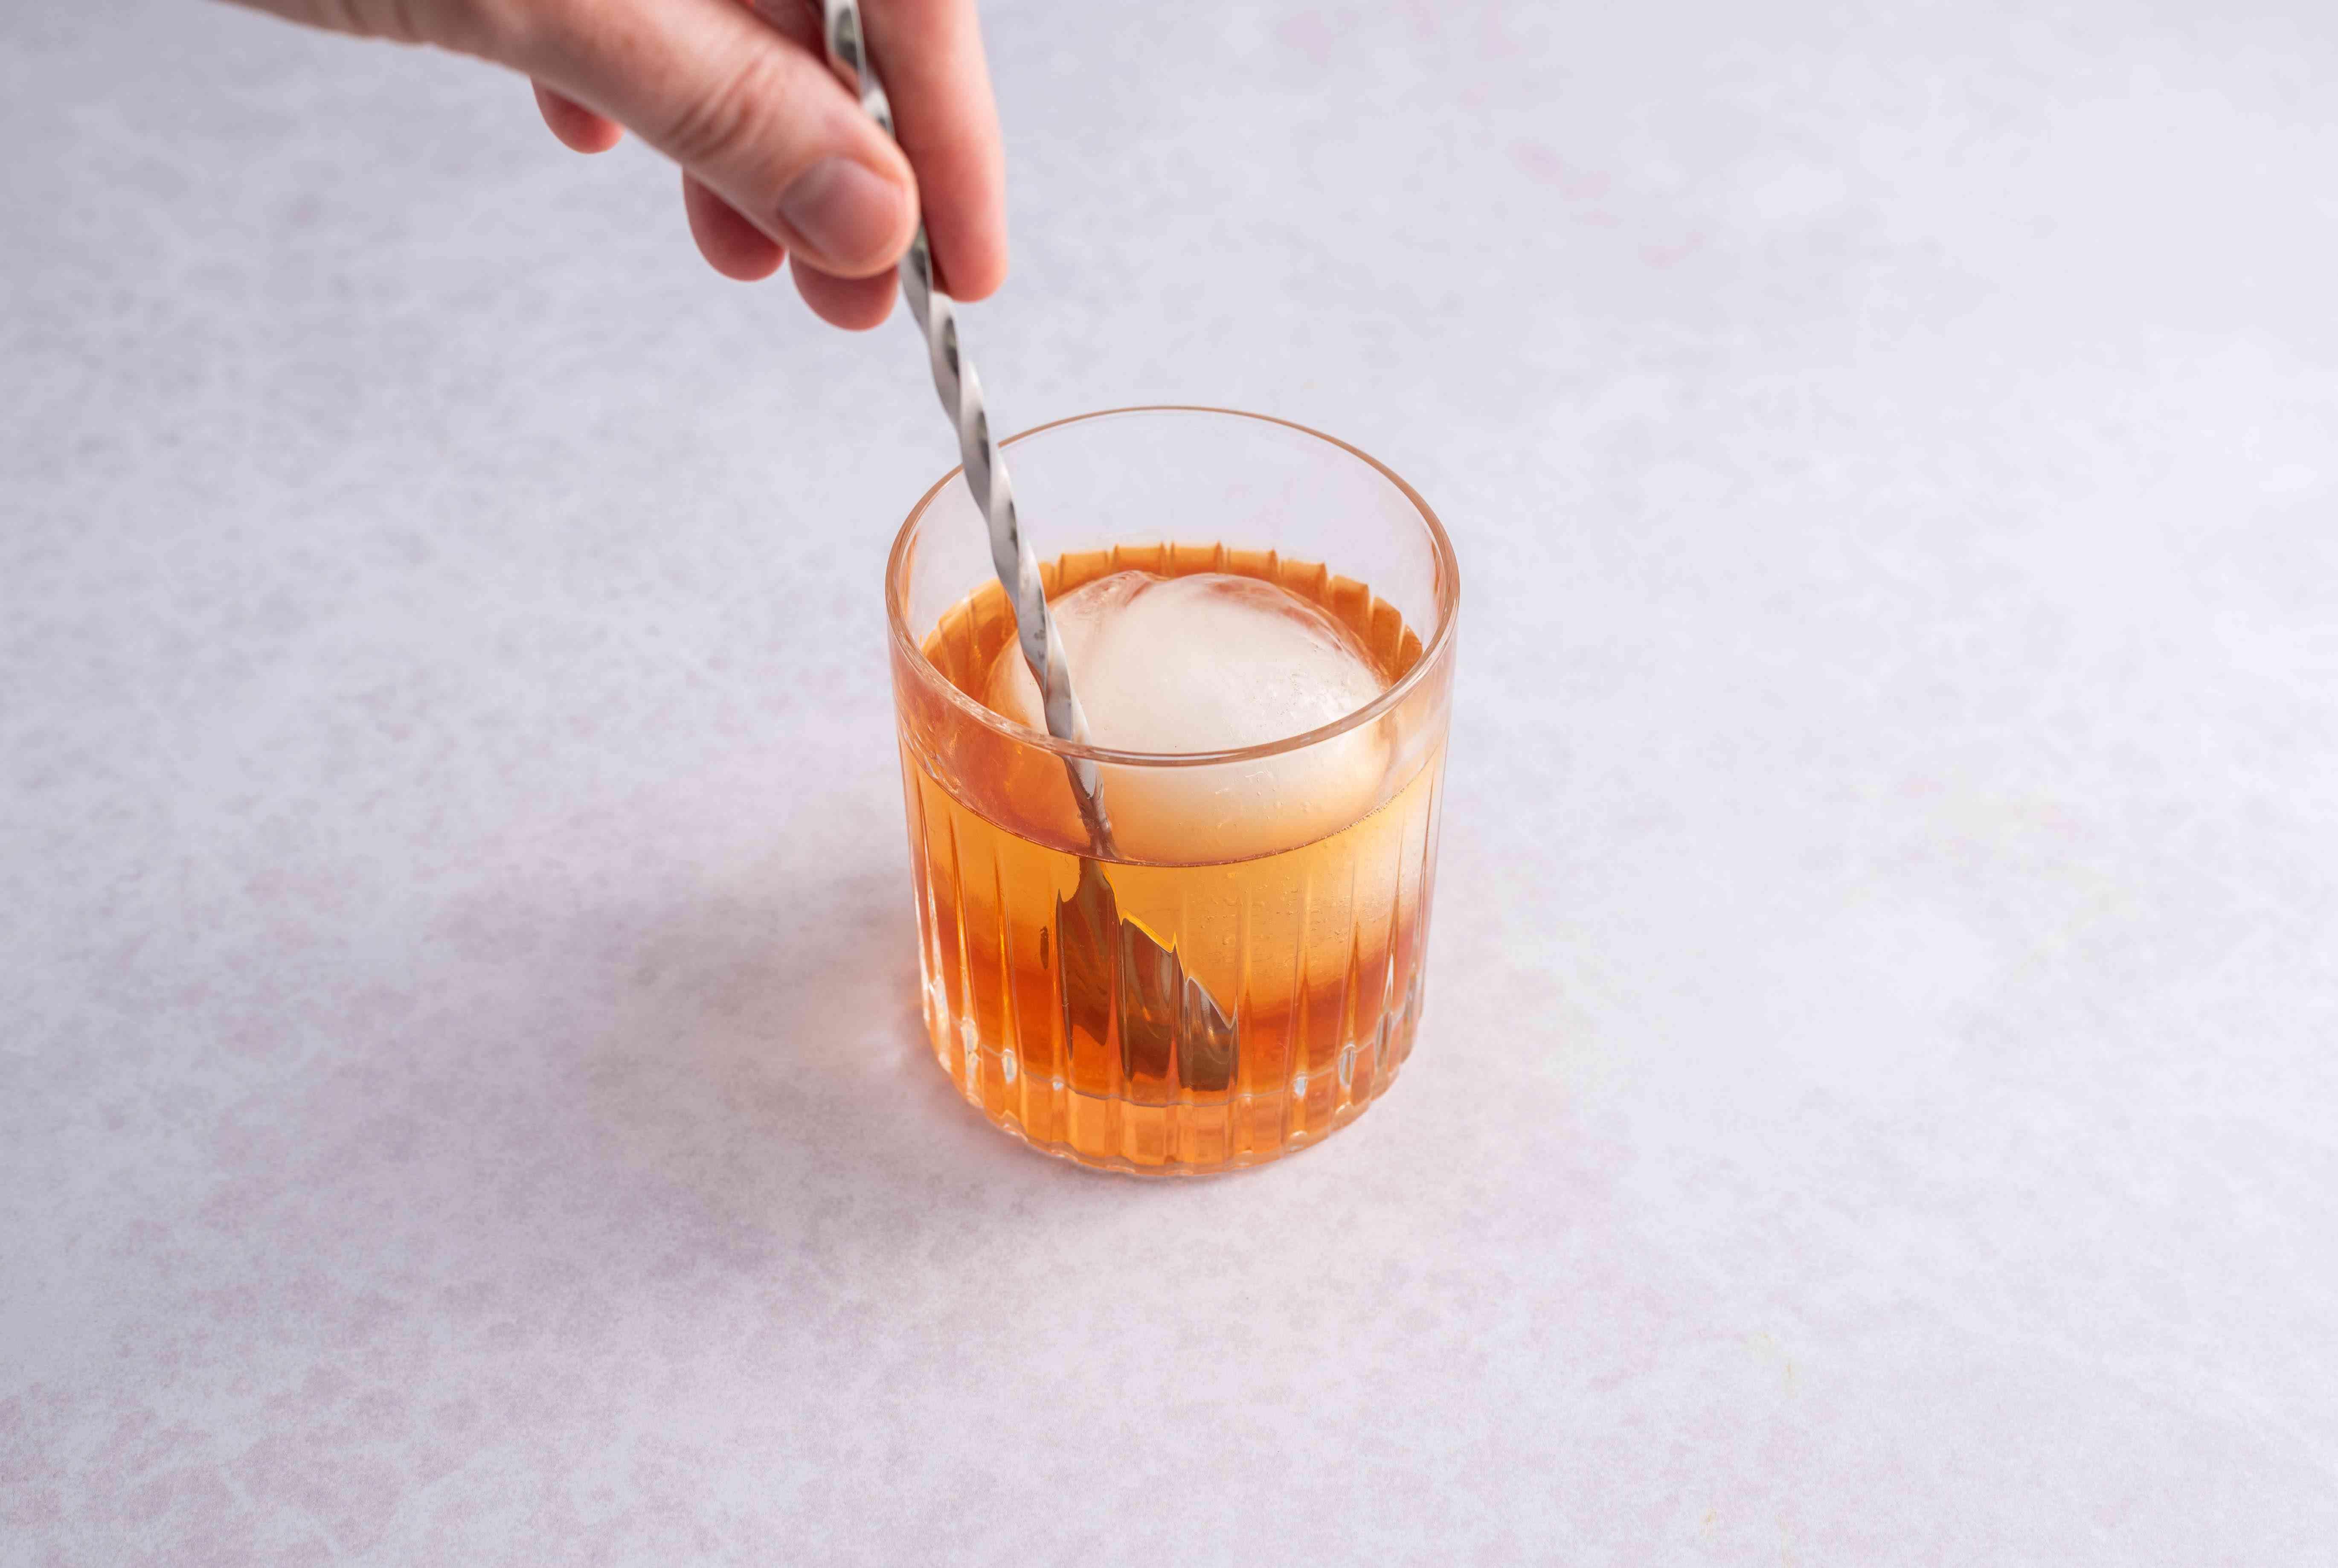 Add whiskey